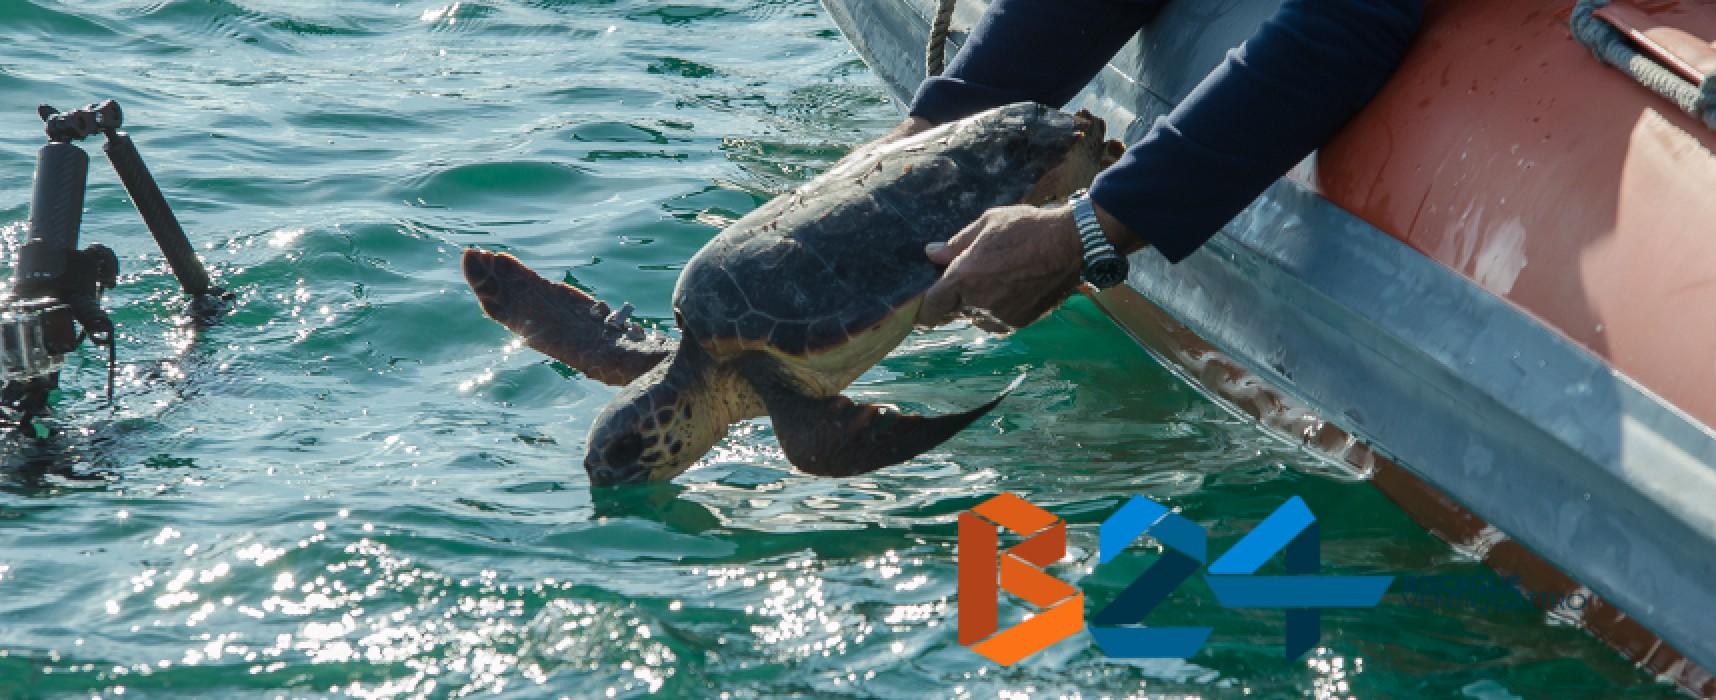 Adrionet, una rete di associazione per il salvataggio delle tartarughe marine